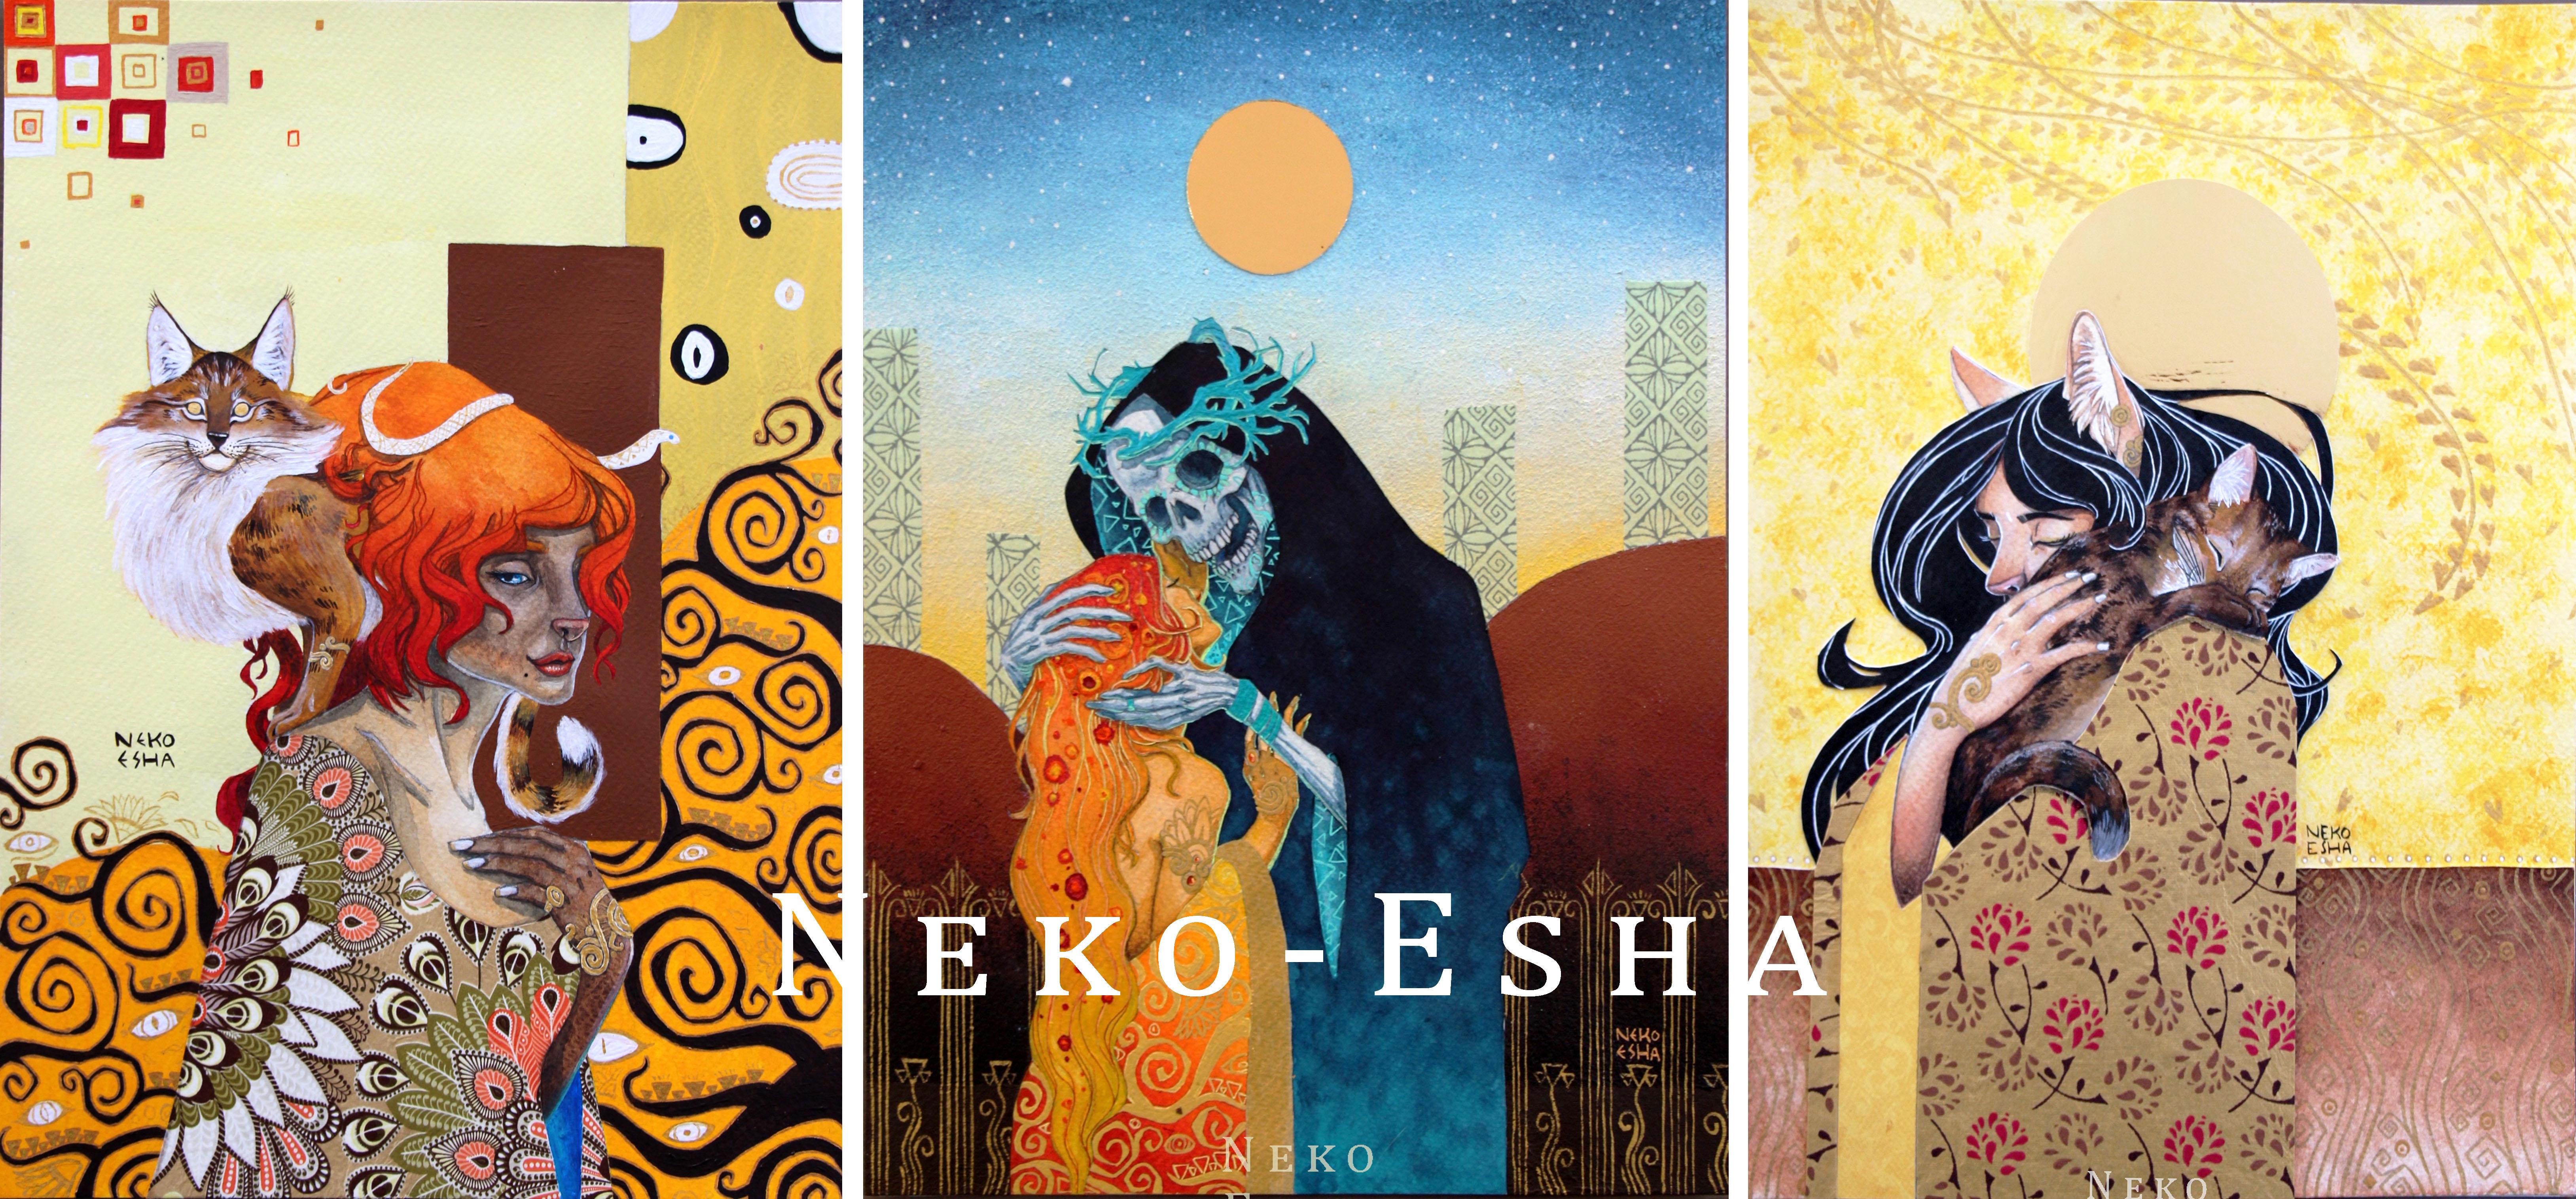 Neko-Esha